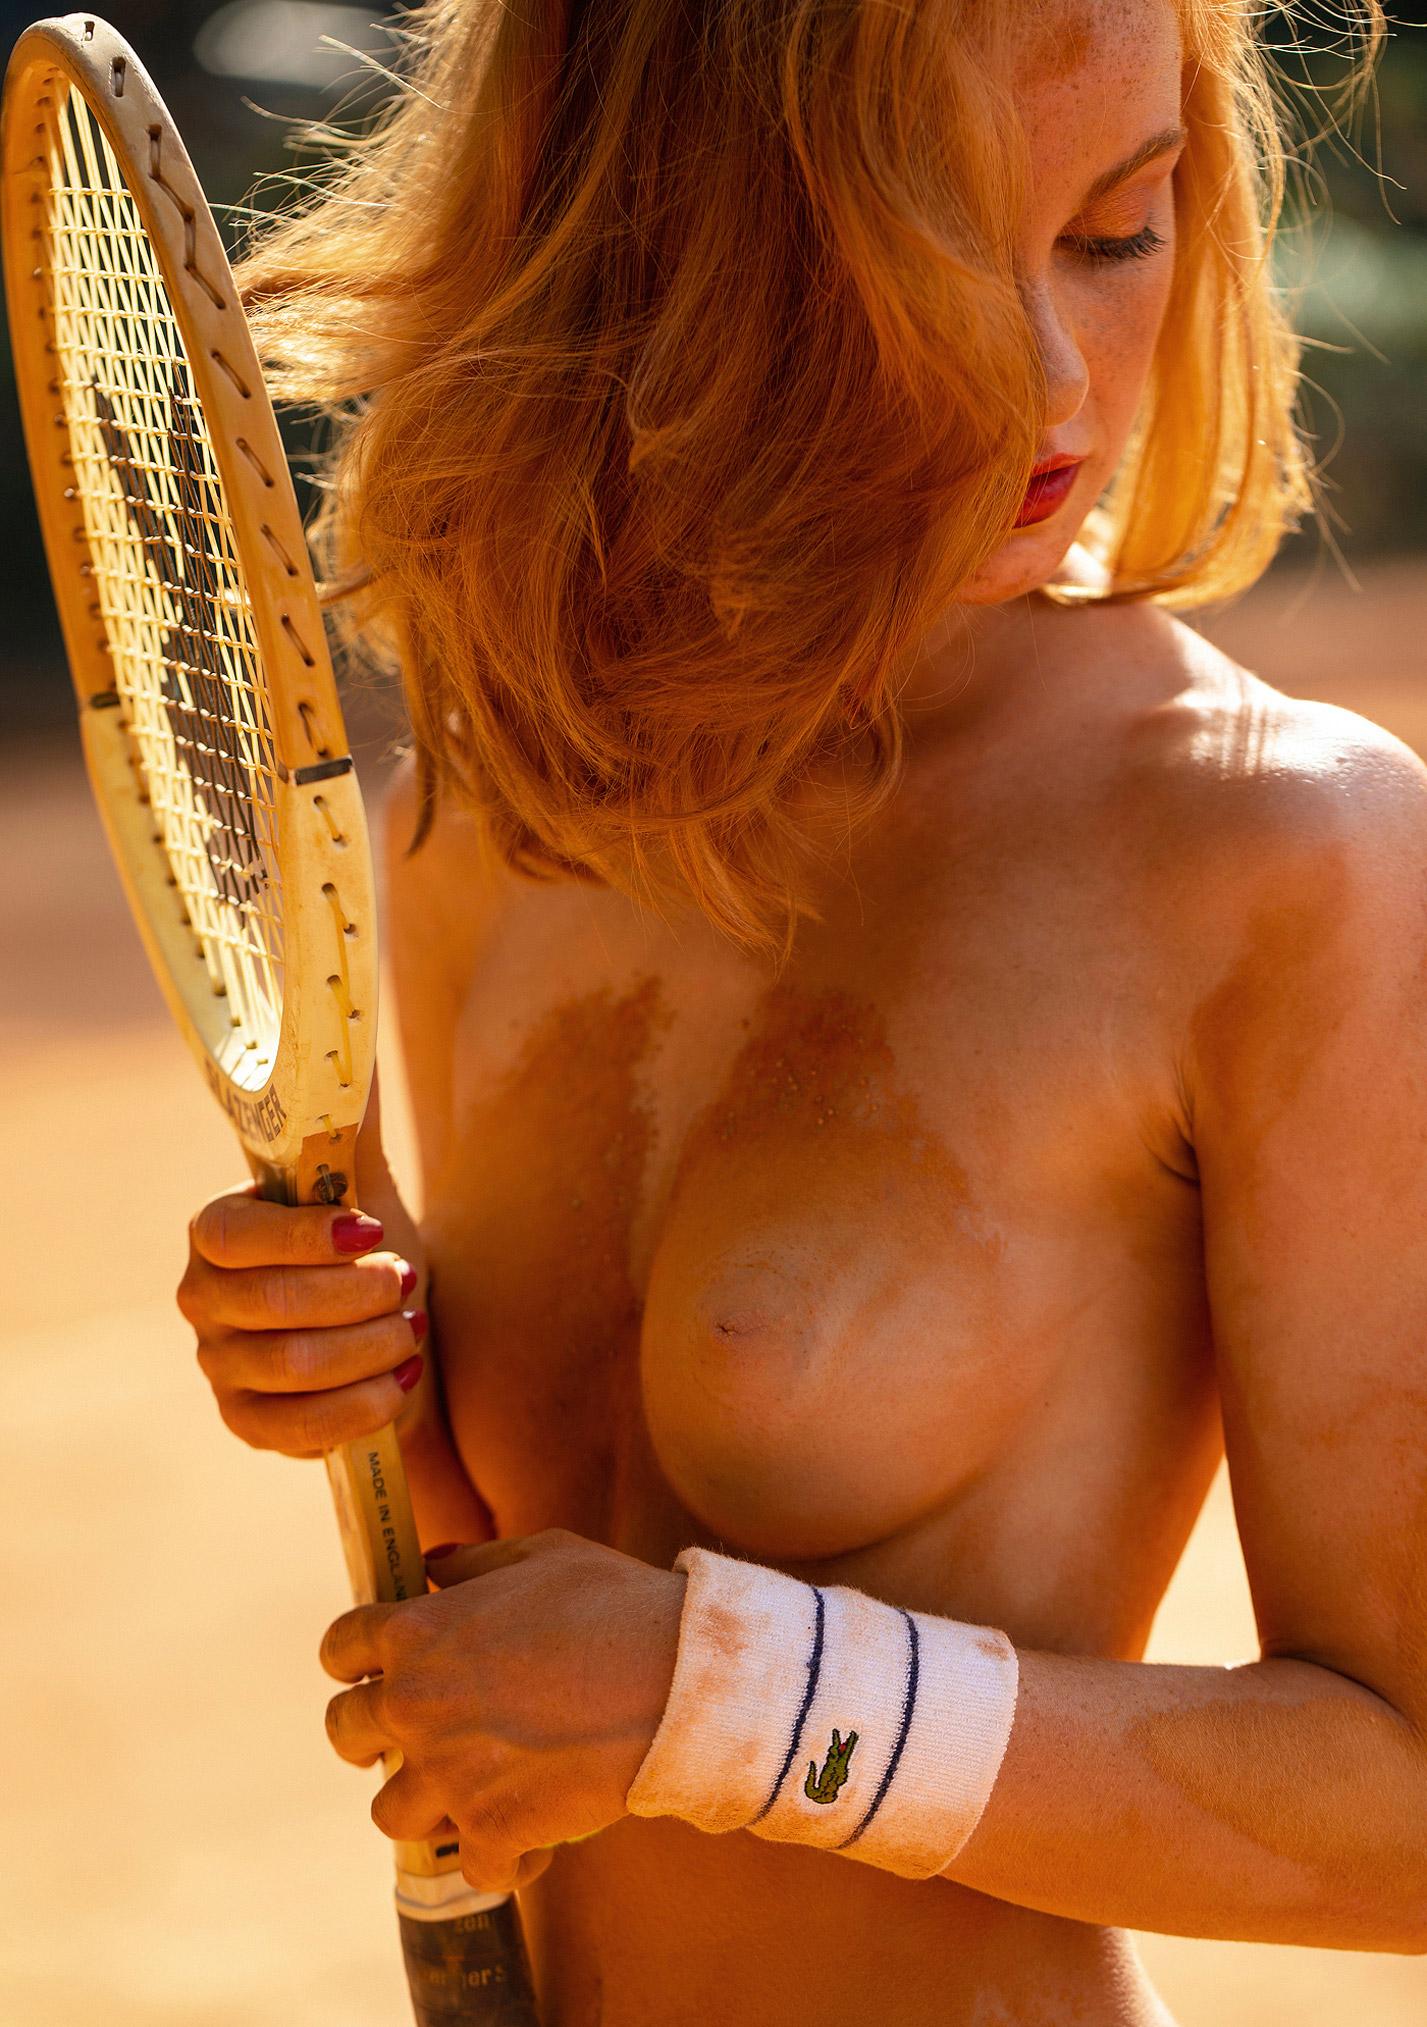 звезда голландского Playboy Свенья ван дер Богарт голая играет в теннис / фото 15